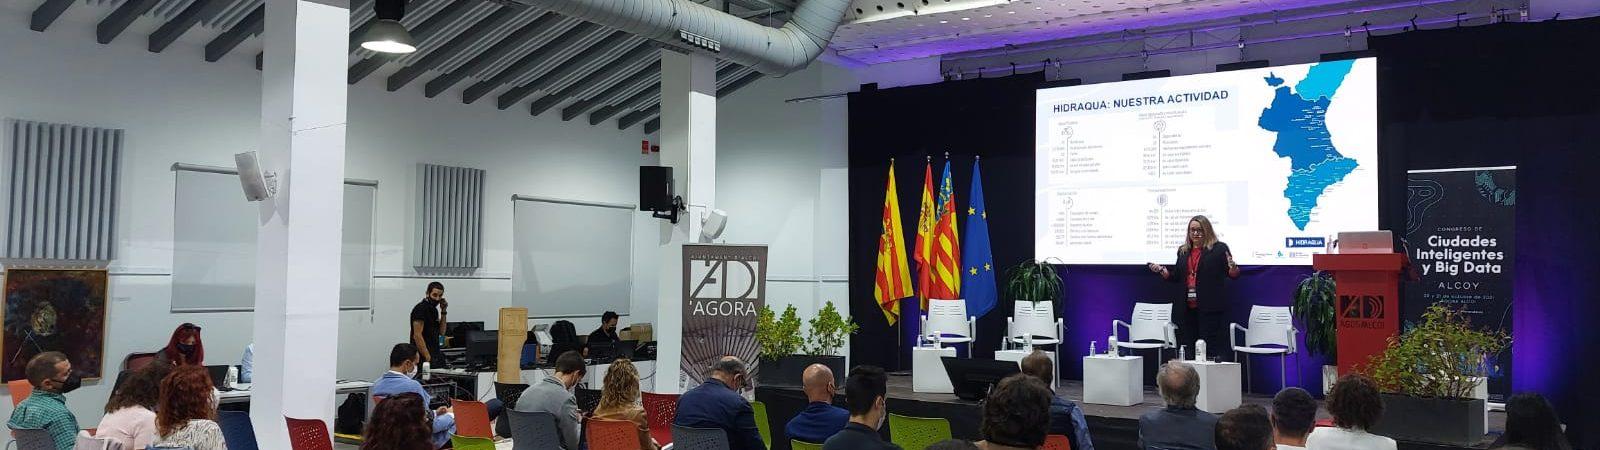 María José Toledo ha presentado en el congreso de Alcoi las soluciones de Hidraqua para mejorar la resiliencia de las ciudades mediante la digitalización.